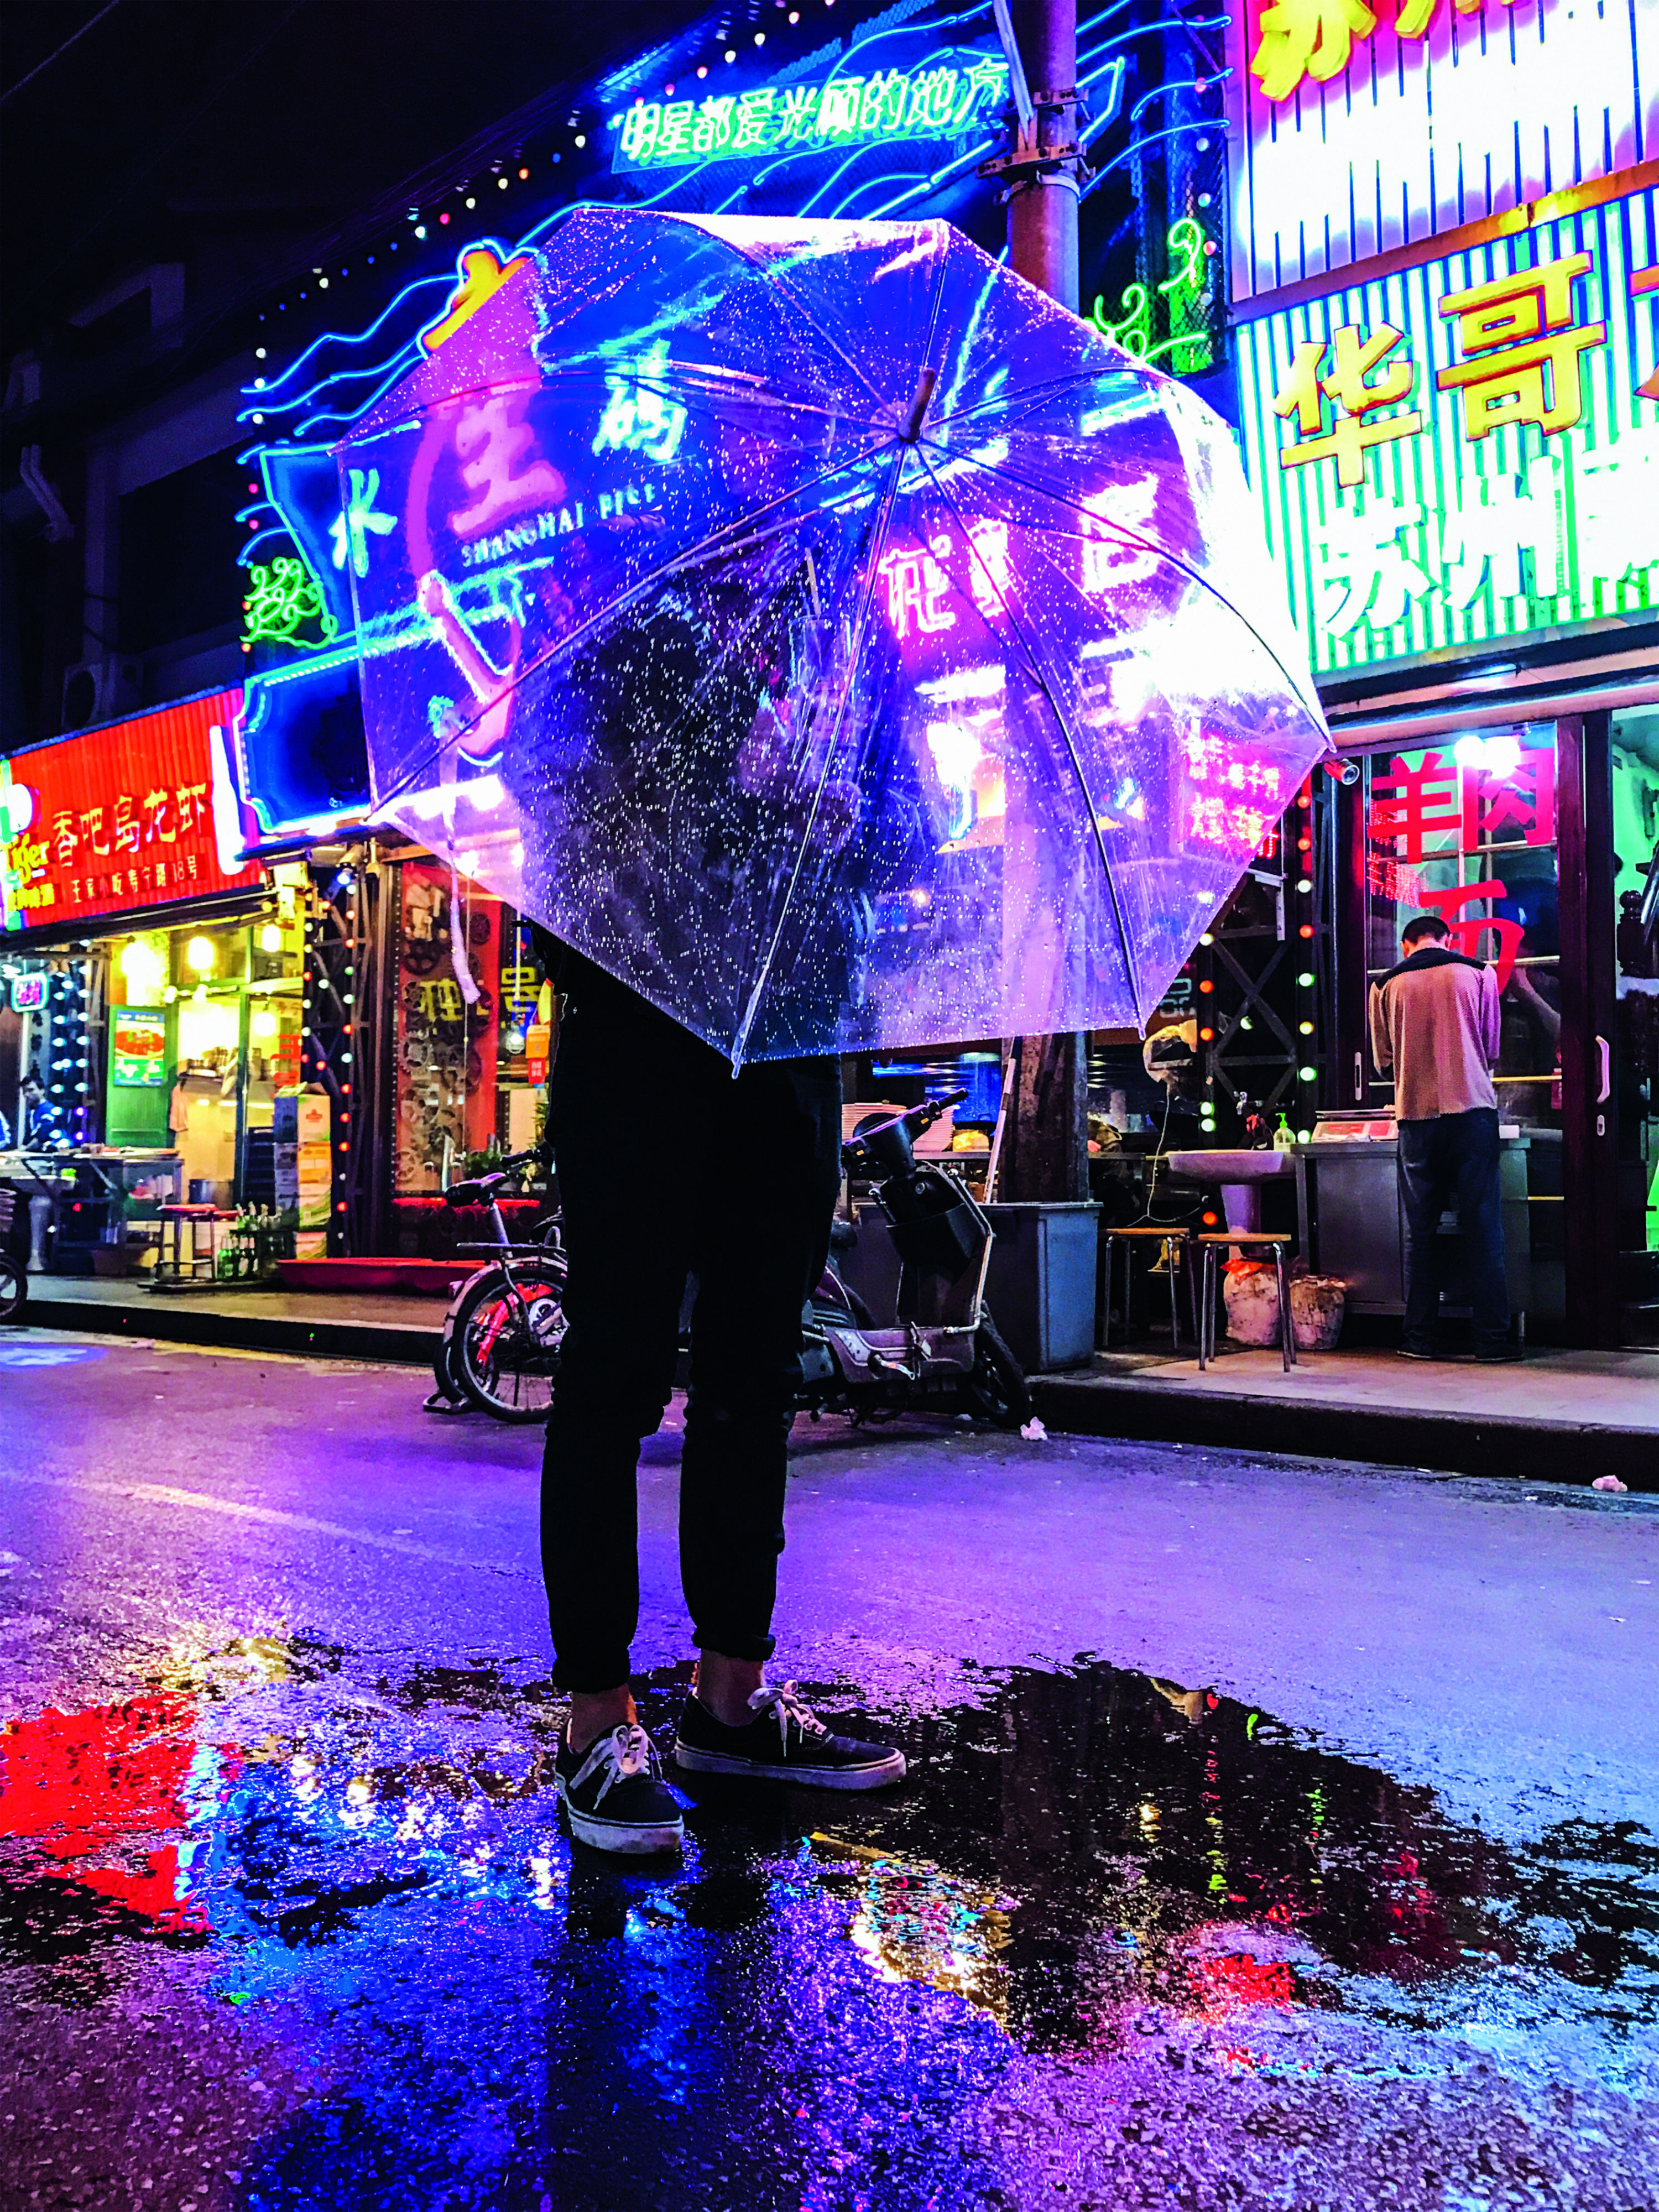 Pioggia di luce a Shanghai (CIna)